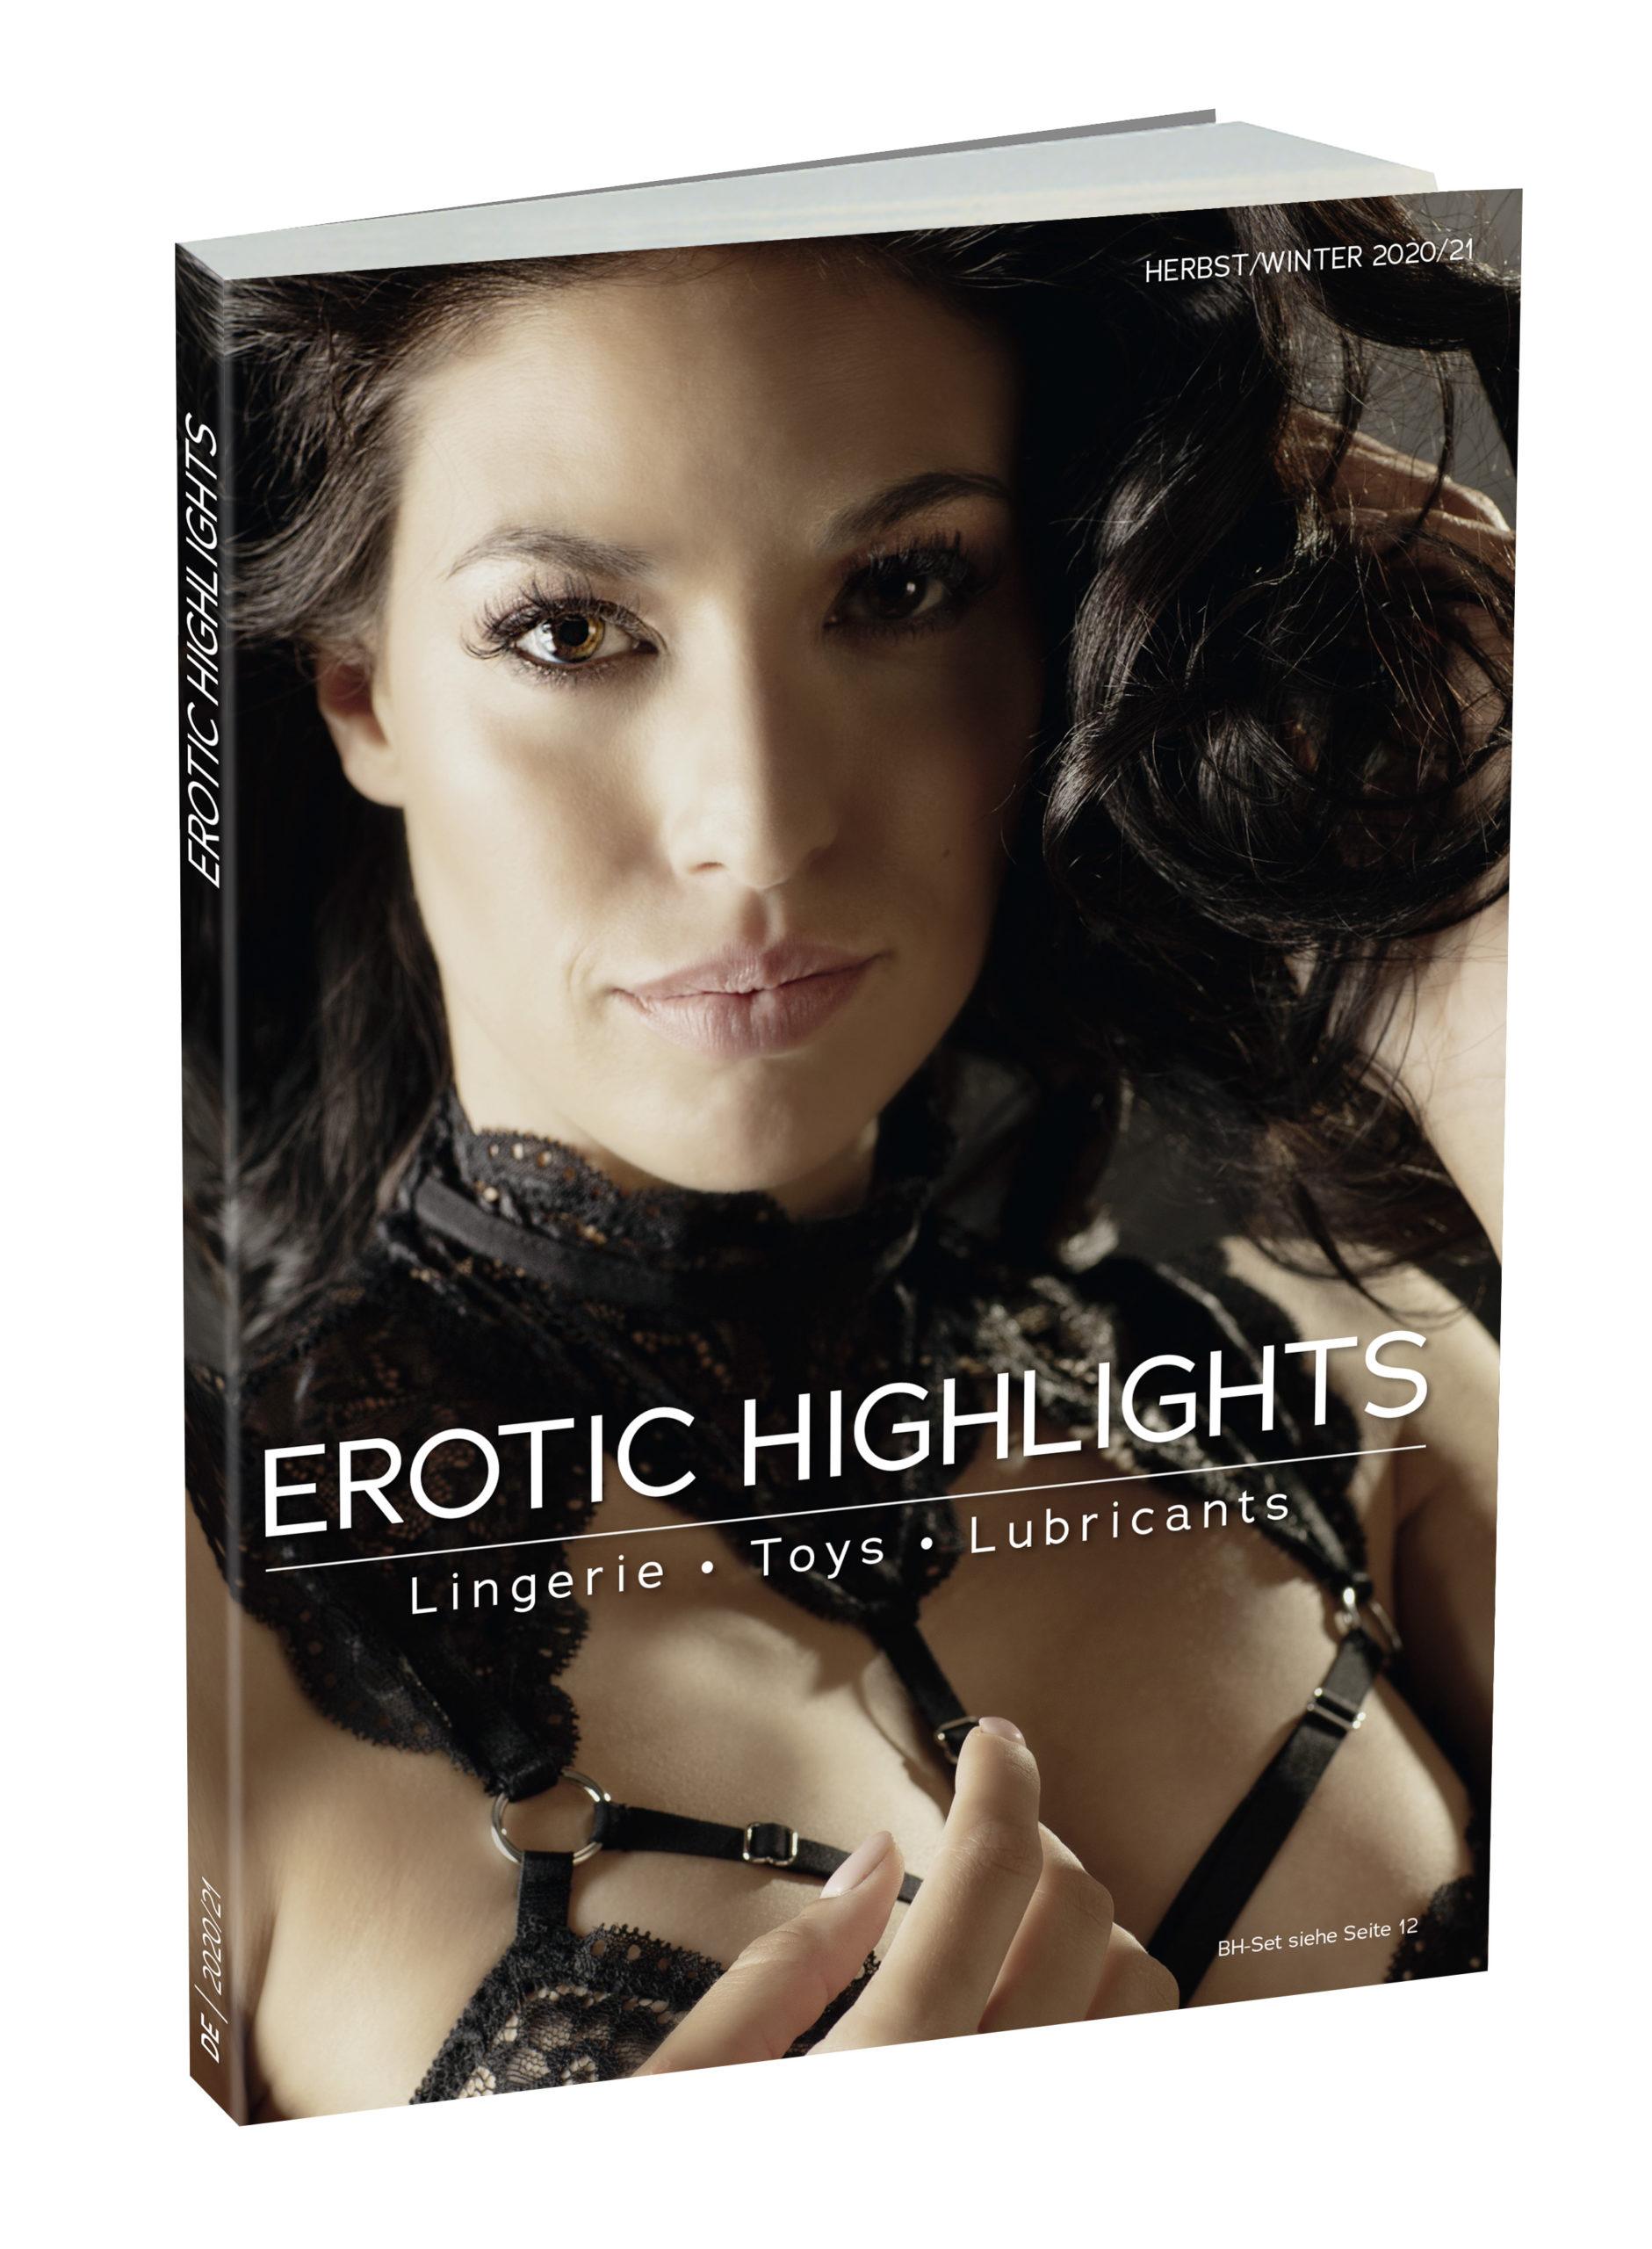 """Der neue Katalog """"Erotic Highlights 2020/21"""" ist da!"""